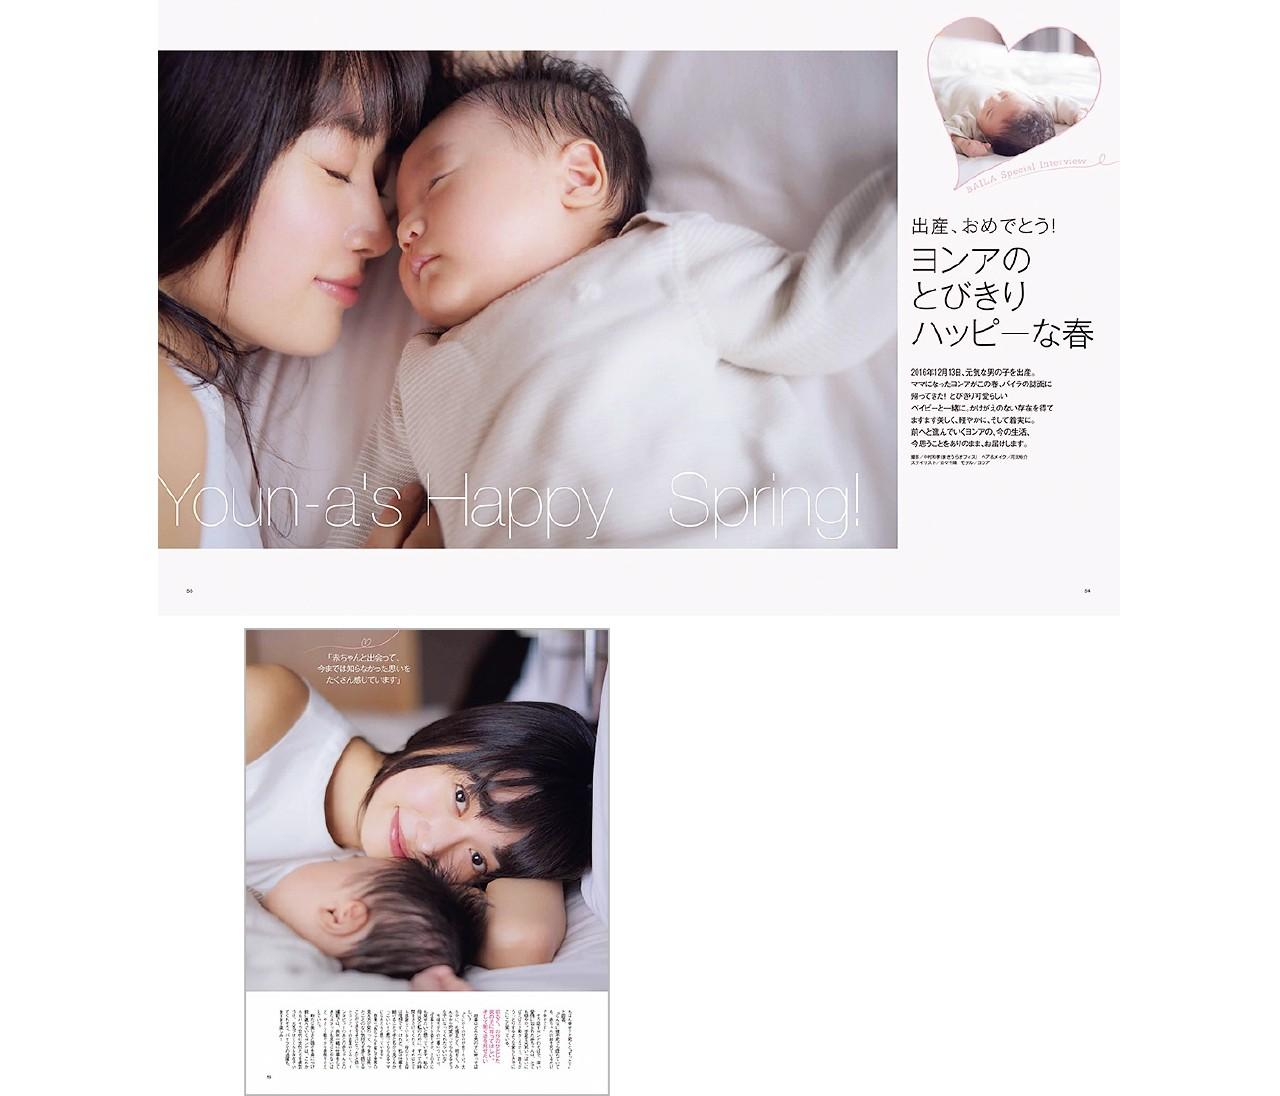 【ヨンア卒業スペシャル】ヨンアの私服、出産etc .思い出誌面をプレイバック!